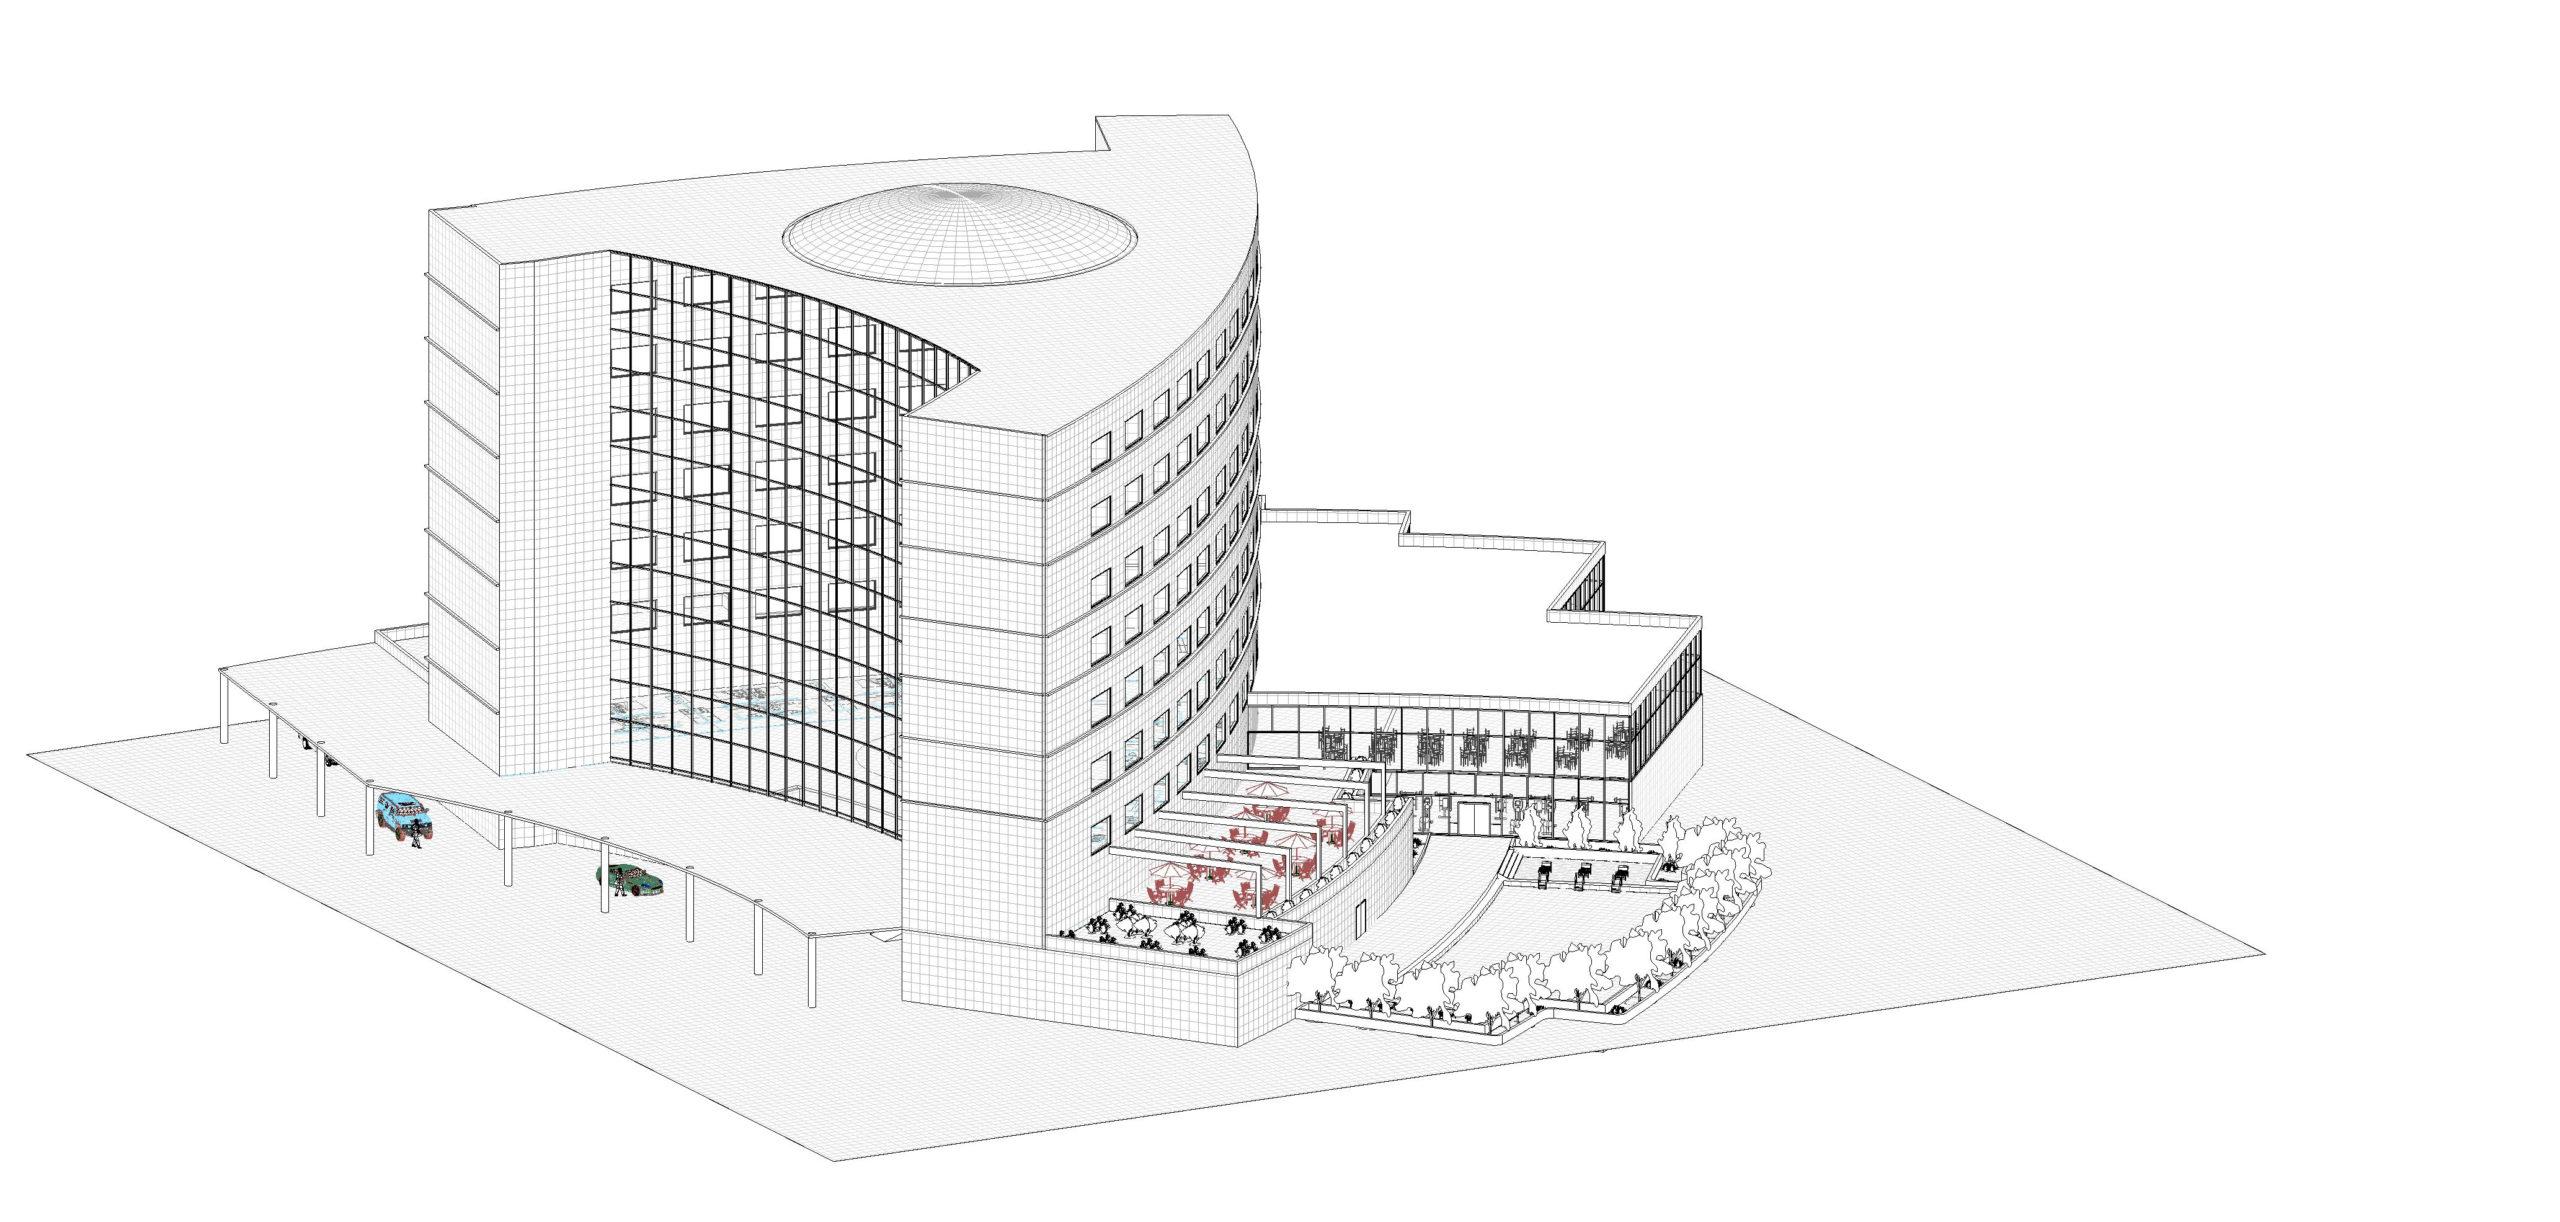 Entwurf eines Gebäudes bei dem die Wichtigkeit der Tragwerksplanung zur Geltung kommt.